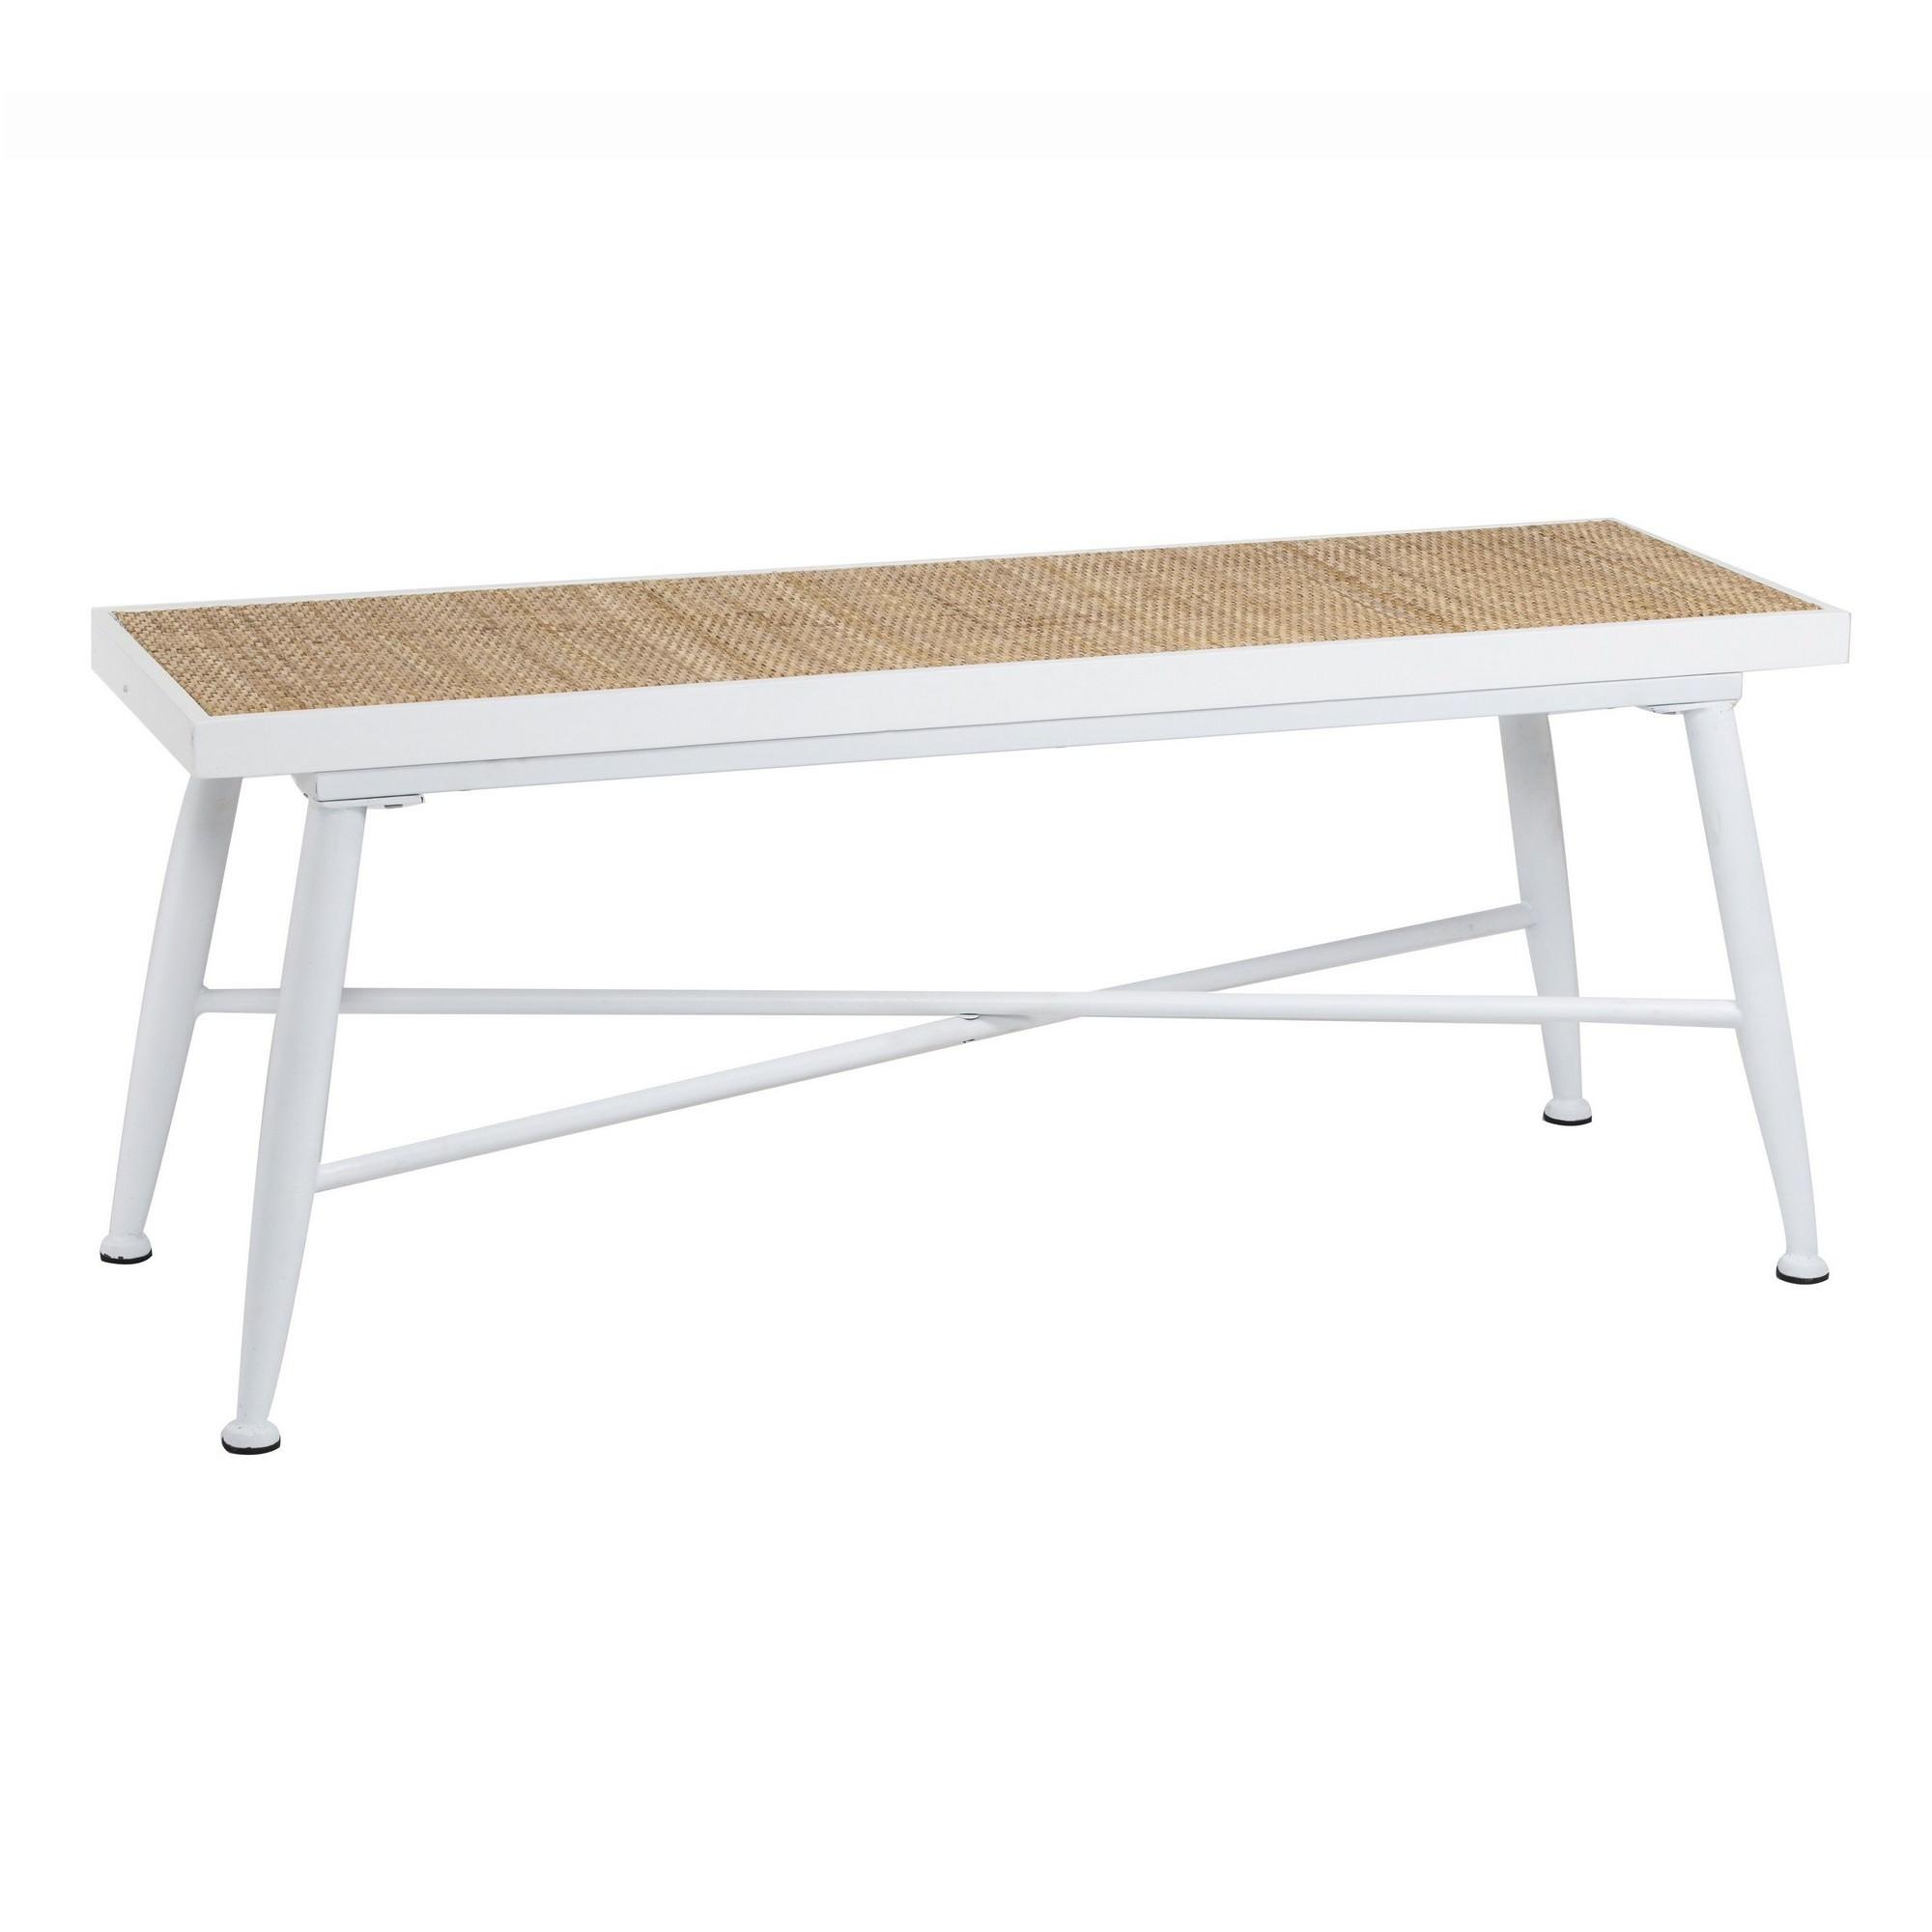 Millen Handmade Wood & Metal Bench with Rattan Seat, 108cm